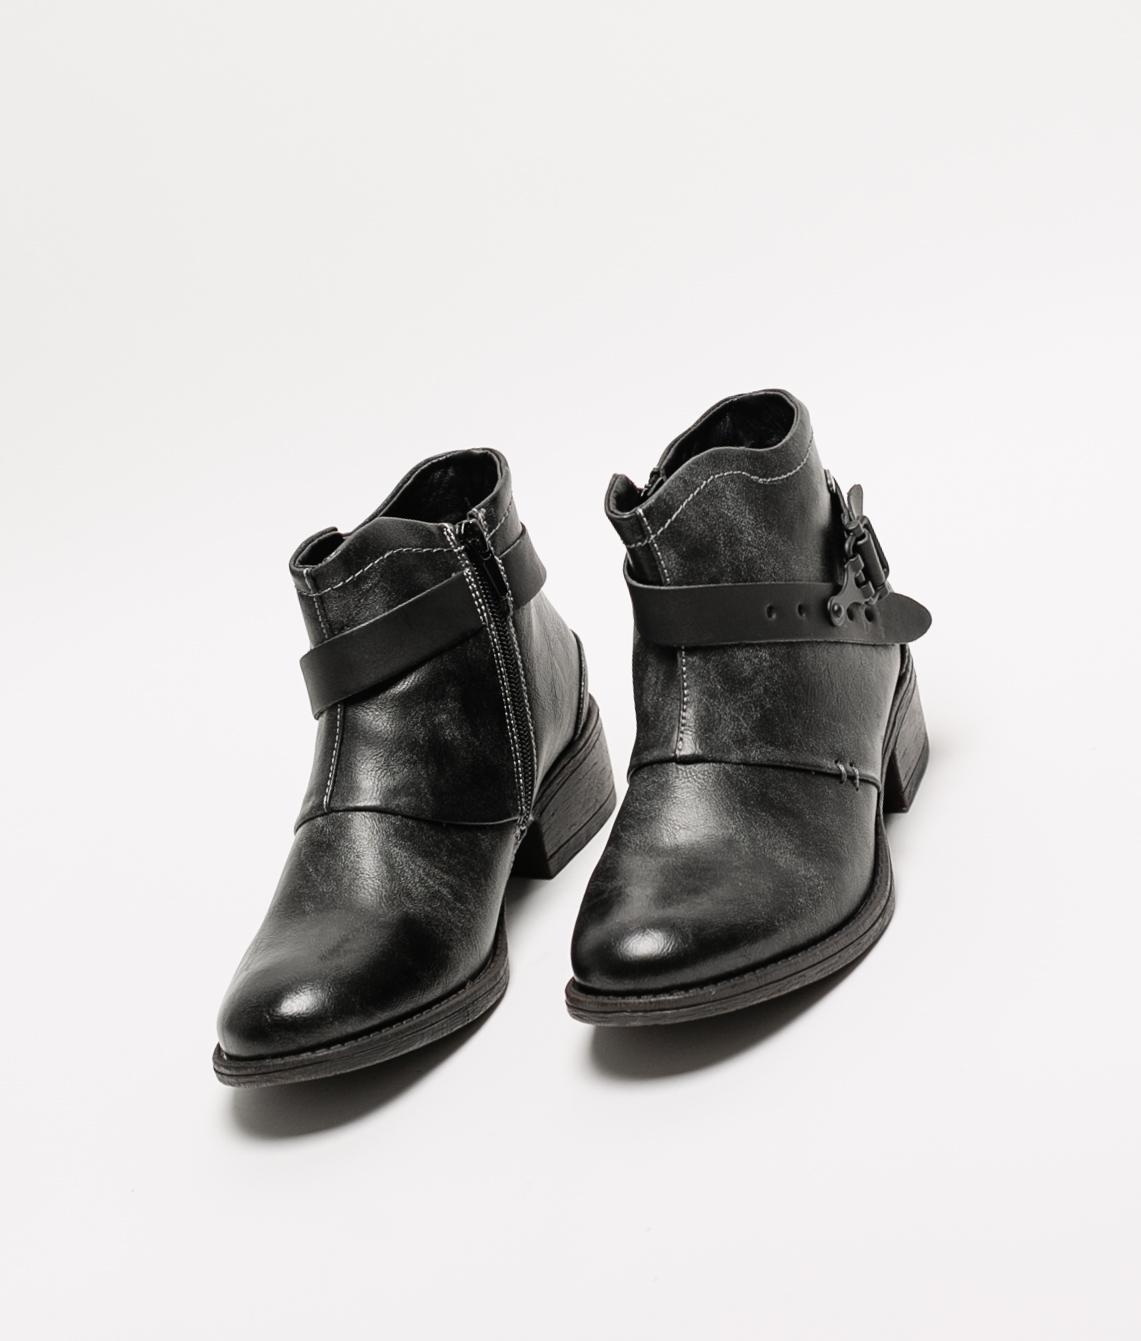 LOWW BOOT PRUSI - BLACK